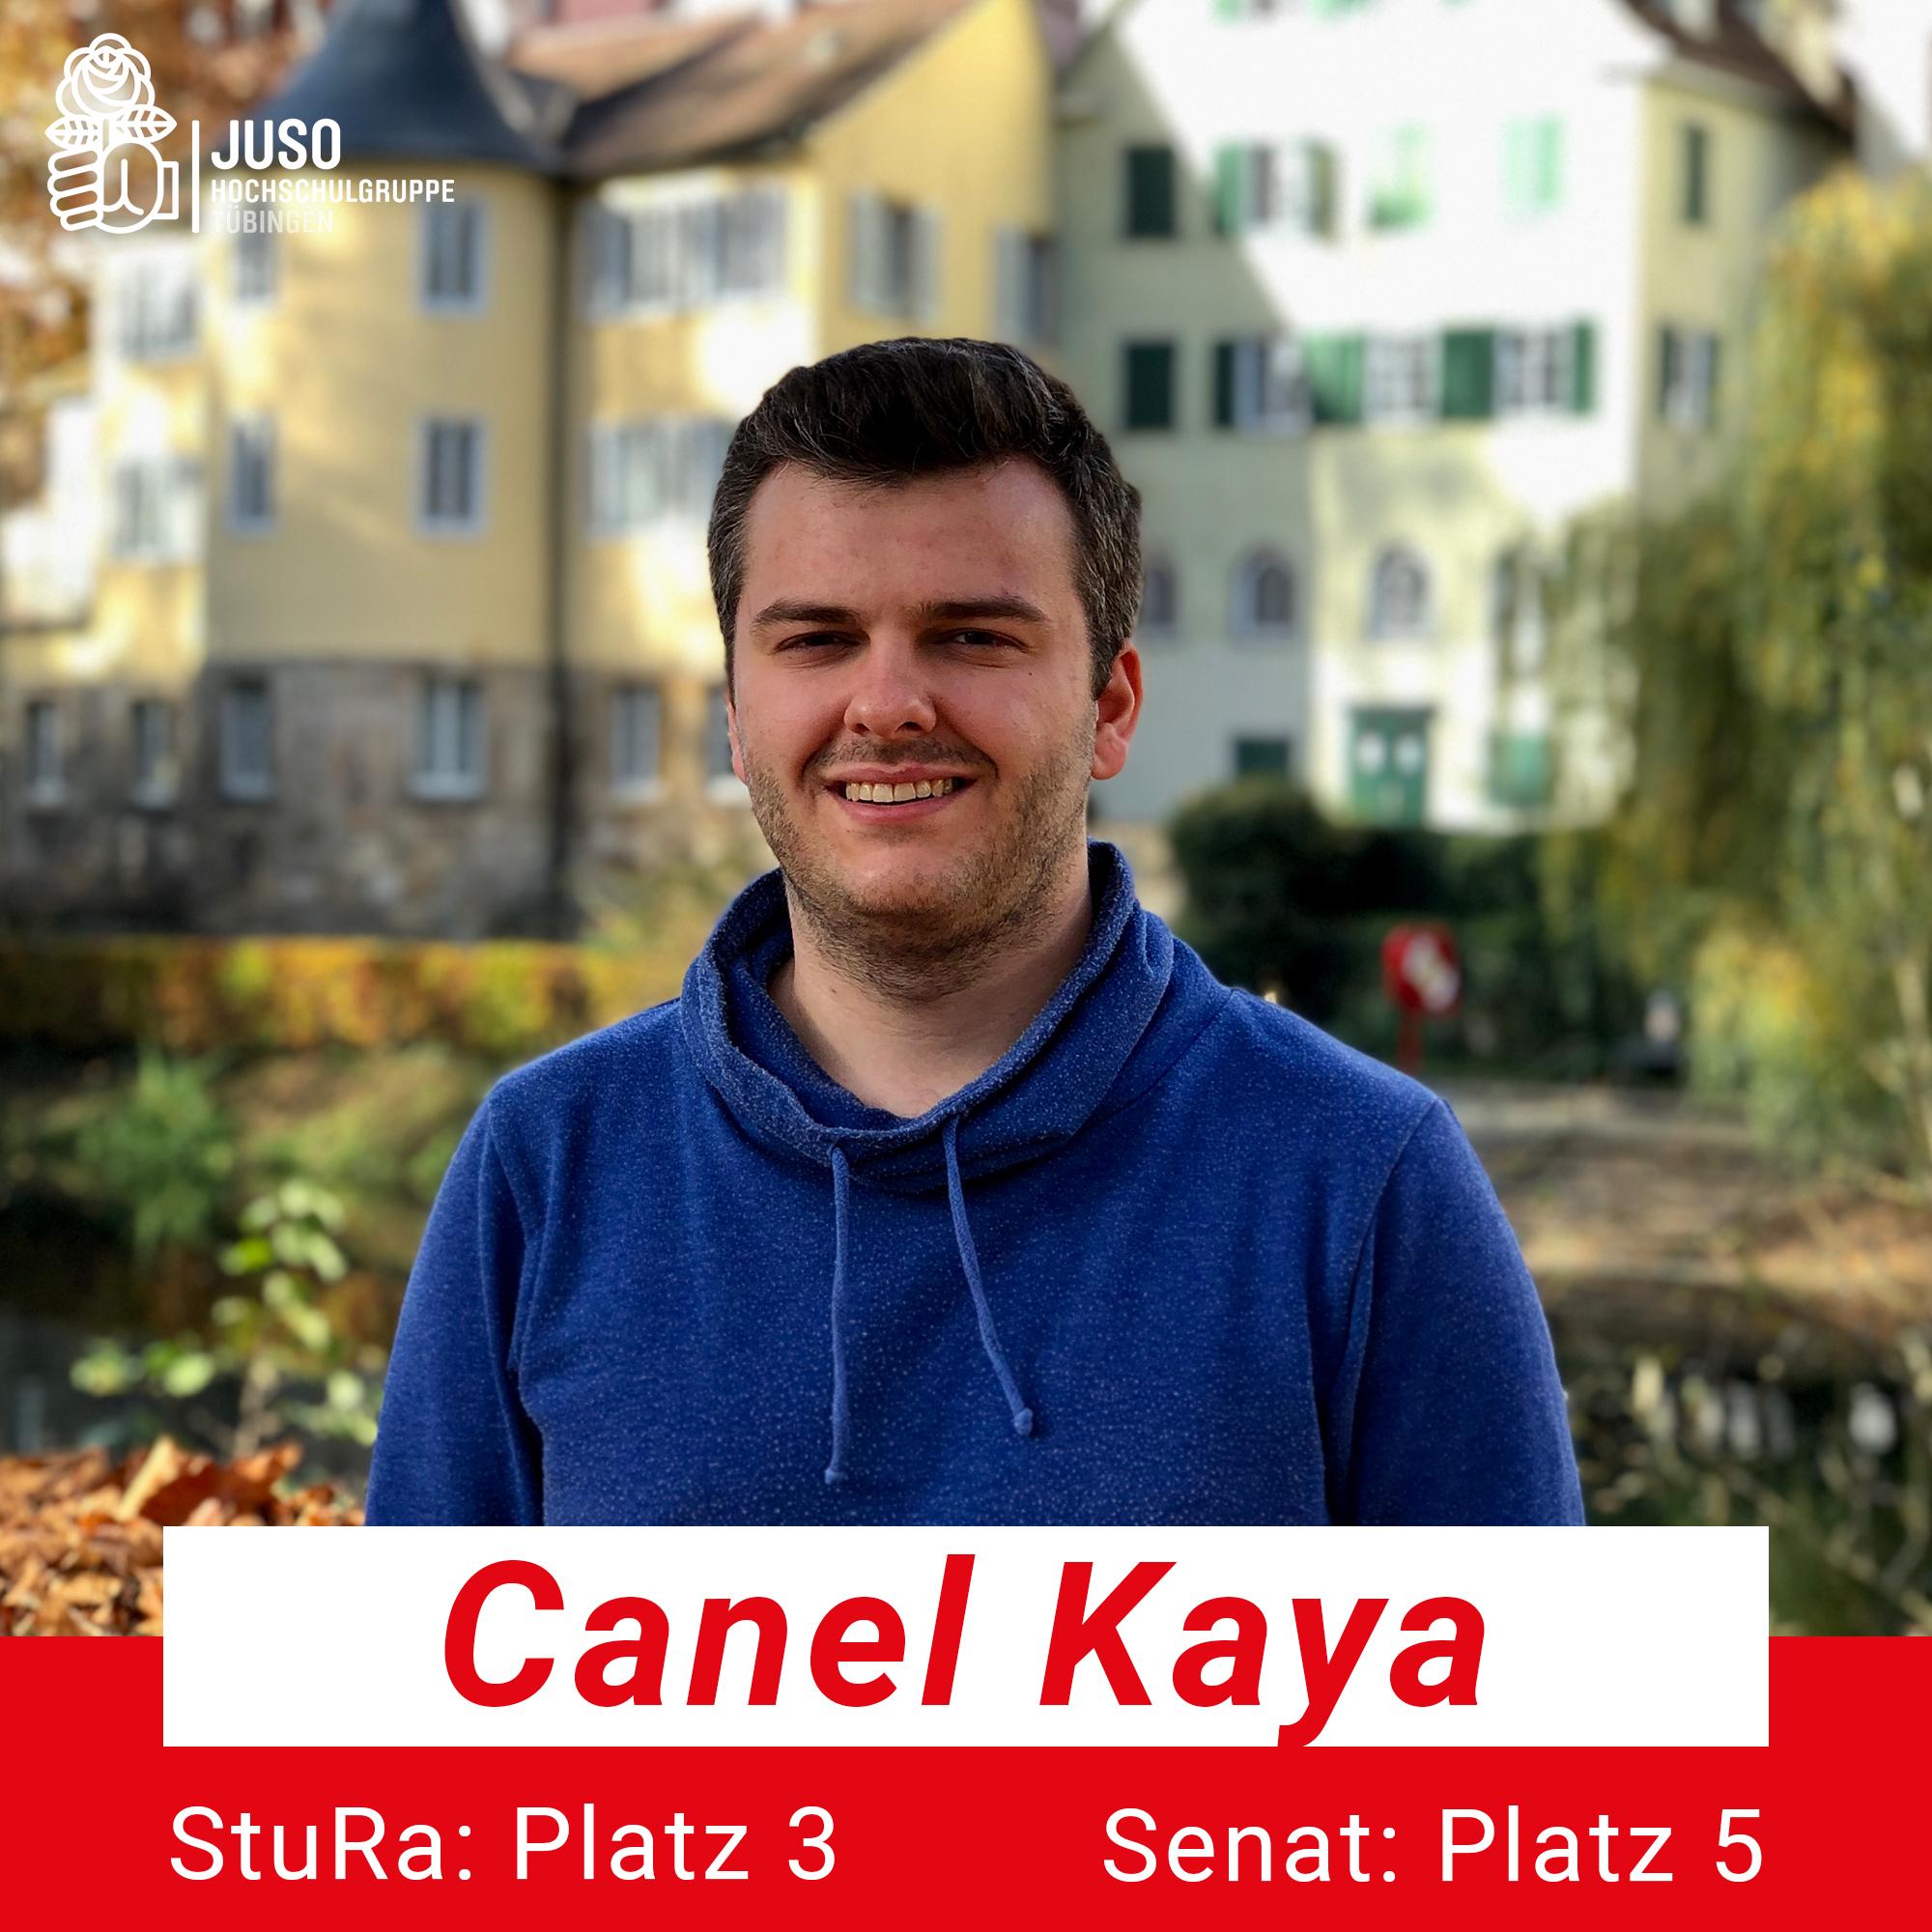 Canel Kaya